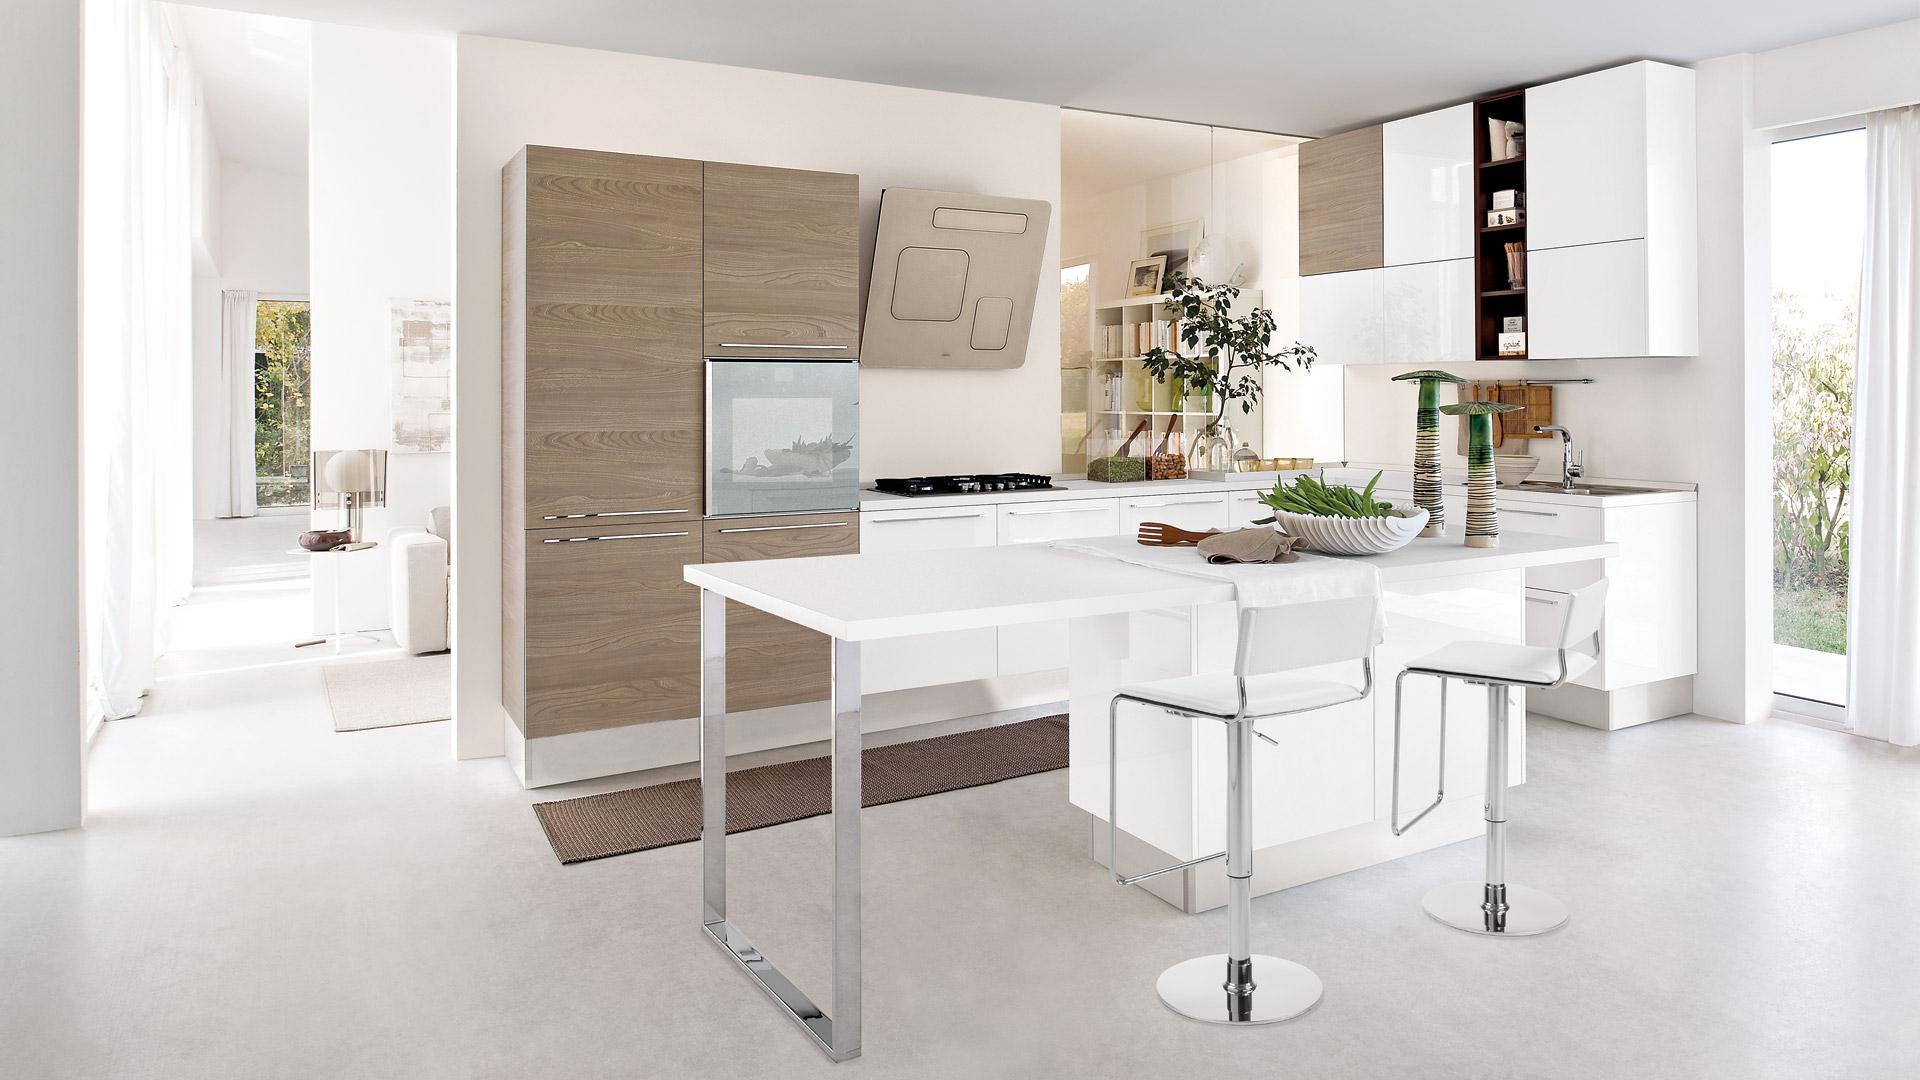 Cucine Moderne Per Ambienti Piccoli.Cucina Piccola 5 Consigli Per Farla Sembrare Piu Grande E